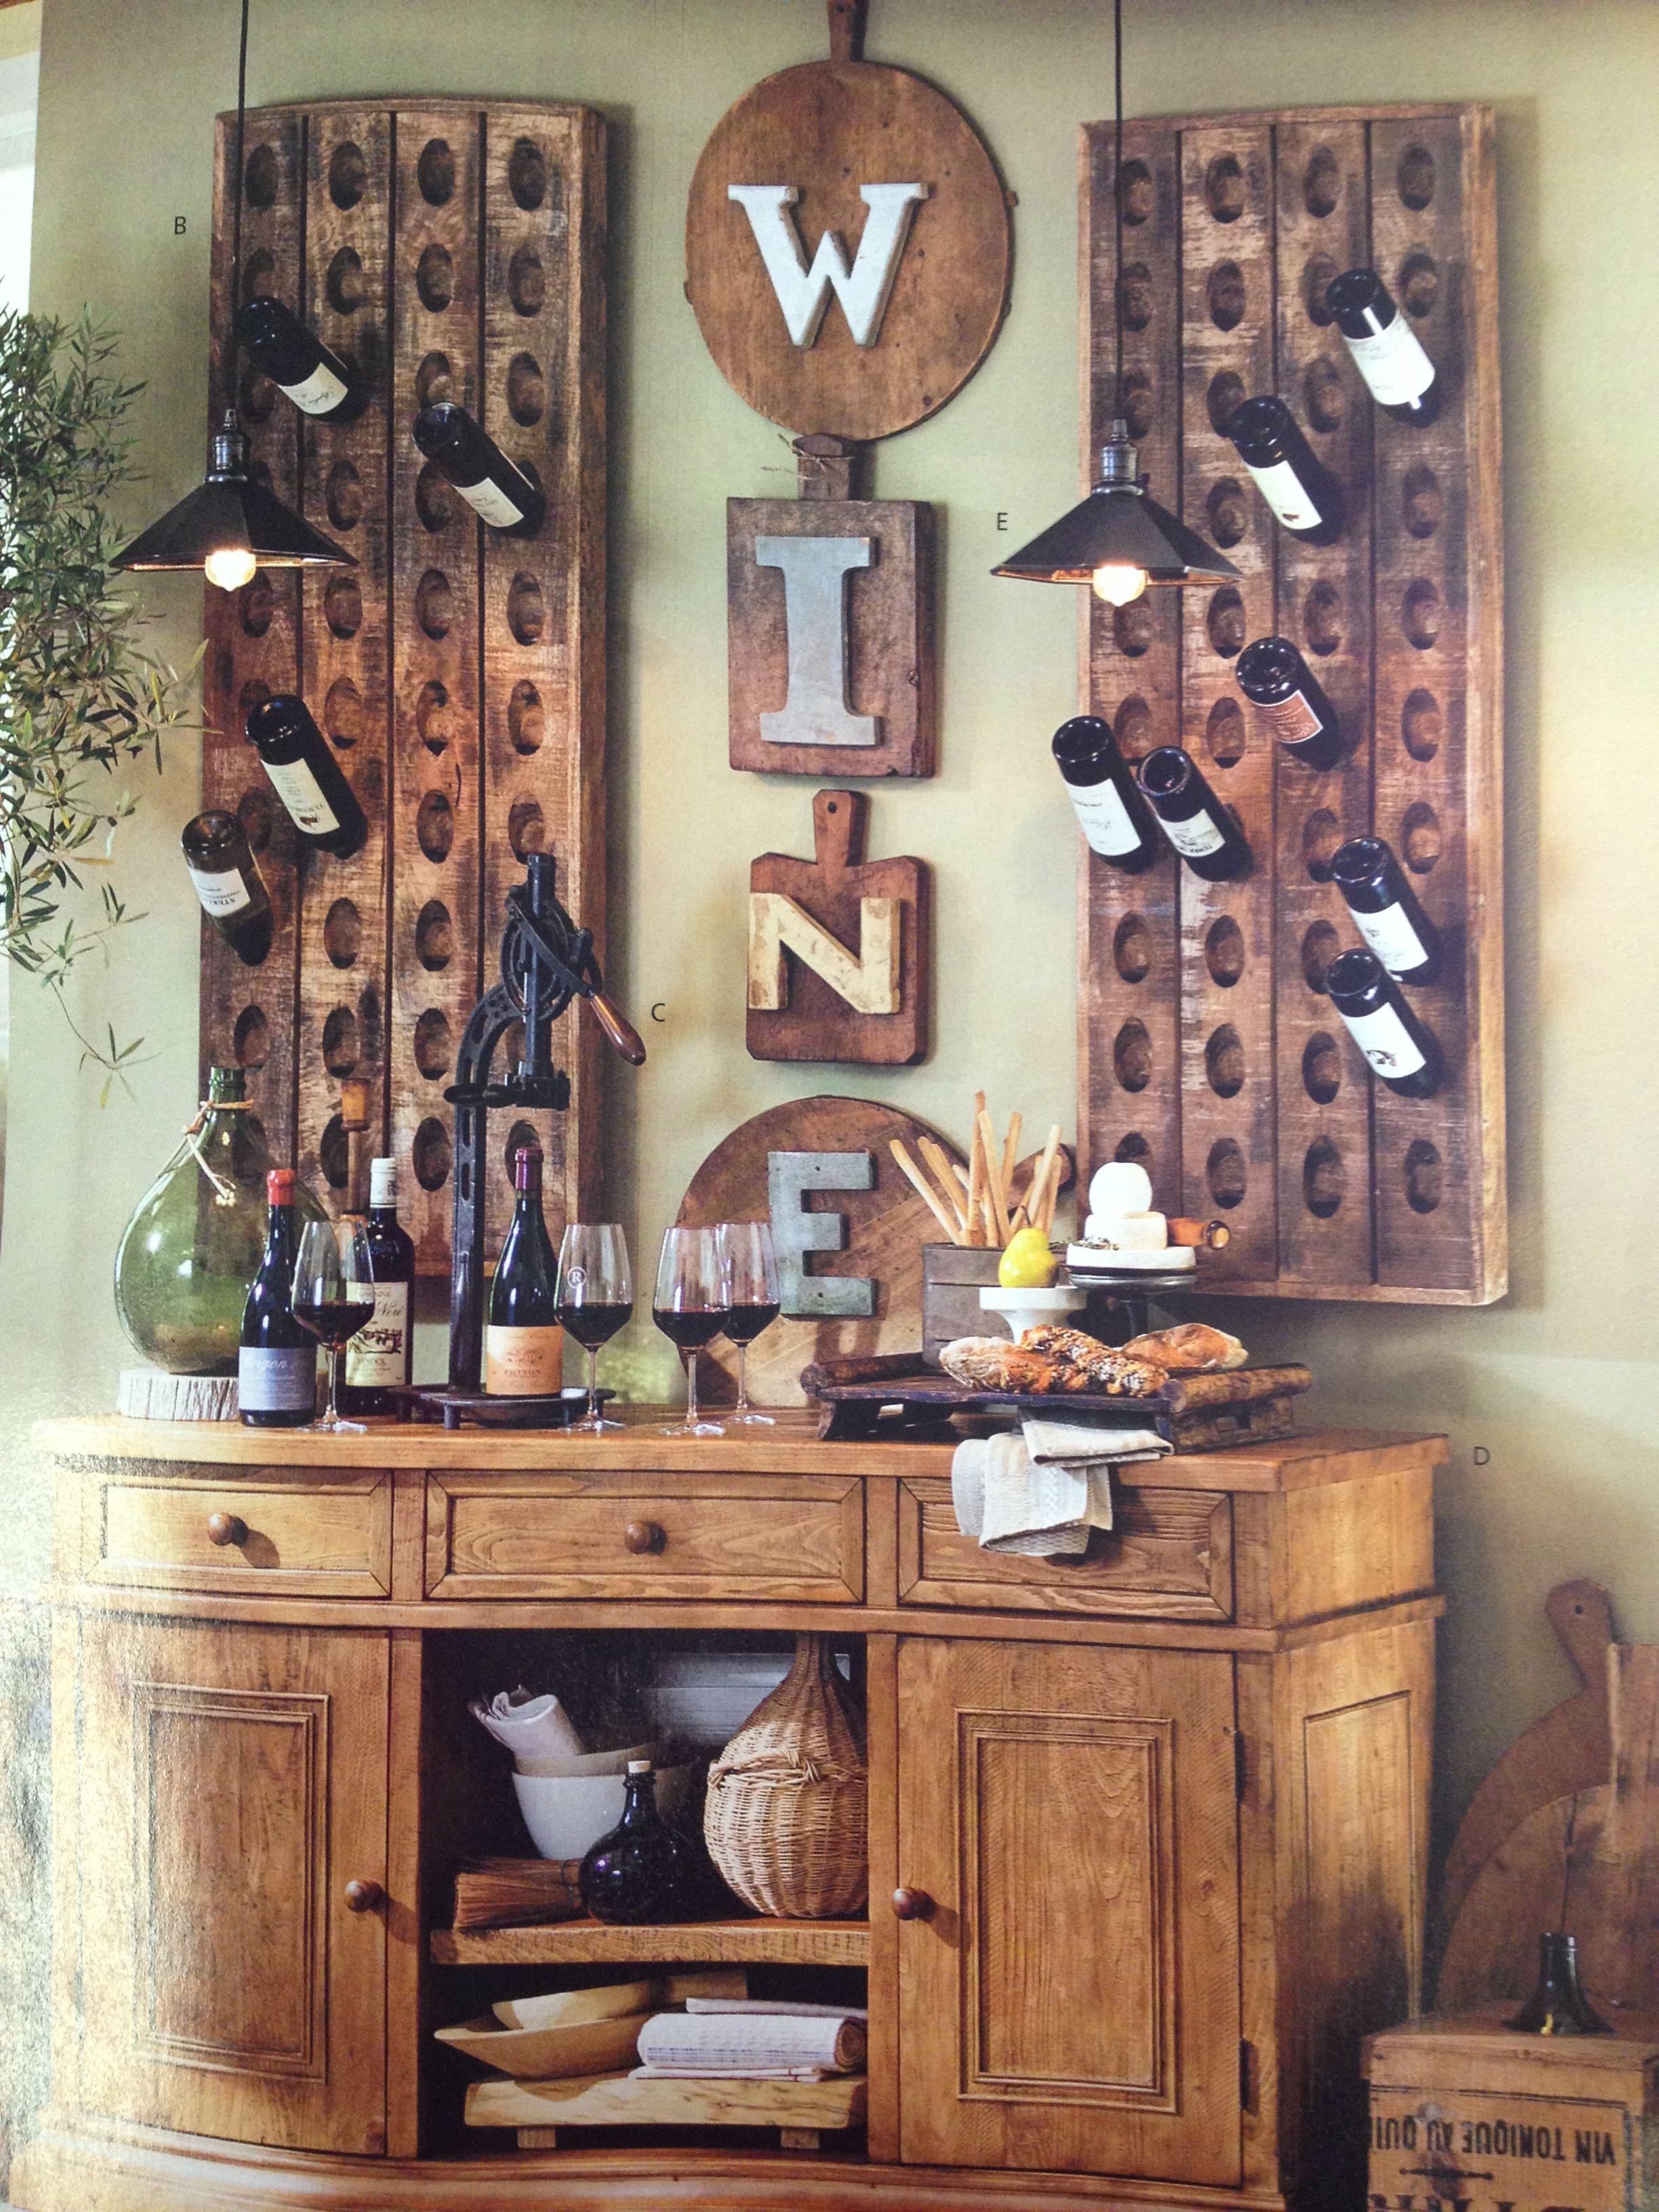 Pottery barn wine rack pendant lighting design decor for Pottery barn wine rack wood